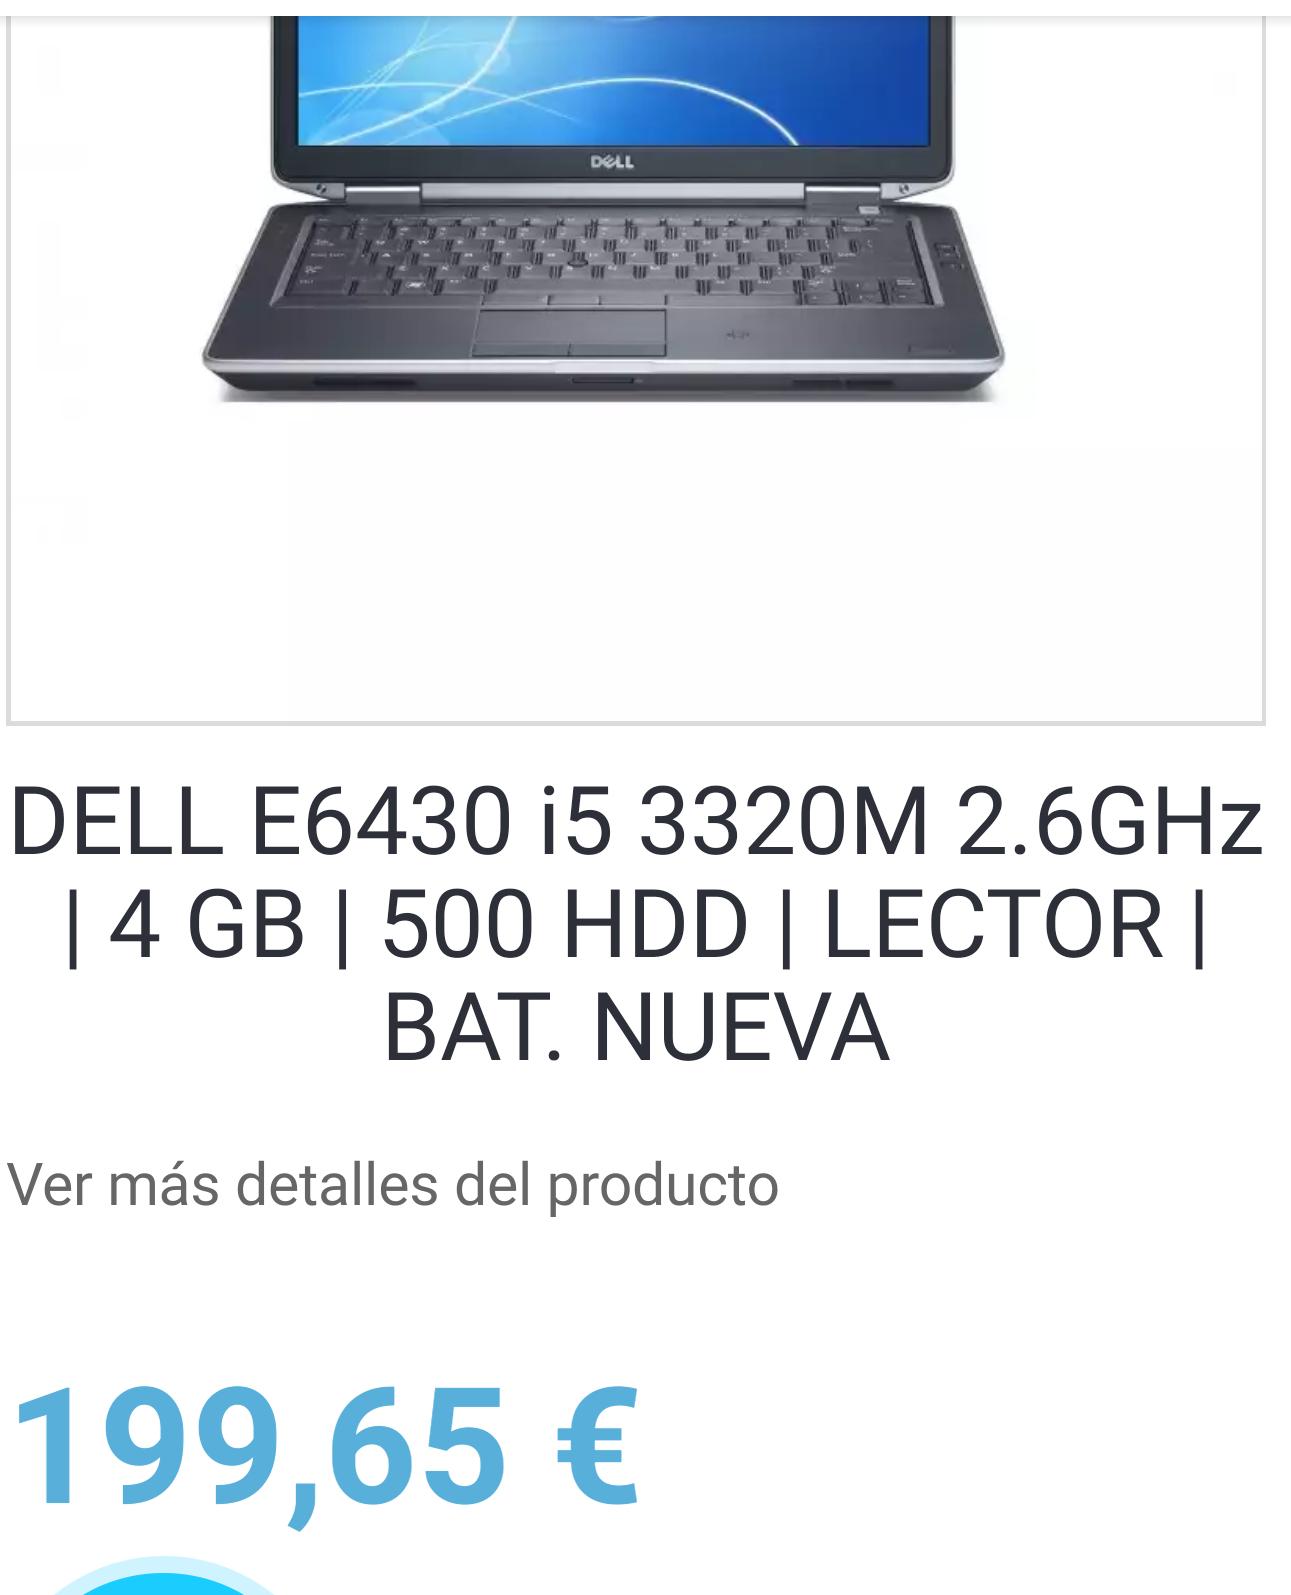 2557256-E2I4m.jpg